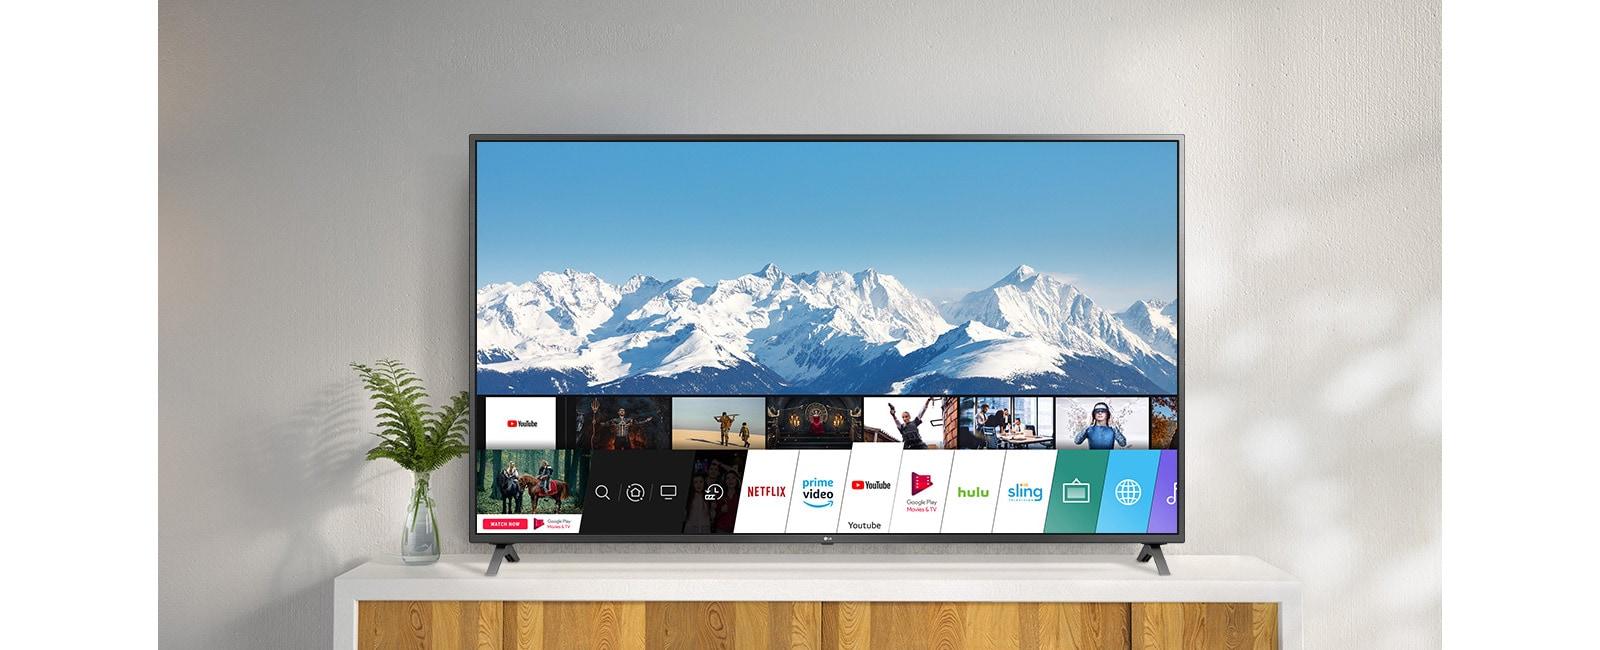 Μια τηλεόραση σε λευκή βάση με φόντο λευκό τοίχο. Η τηλεόραση δείχνει την αρχική οθόνη του webOS.